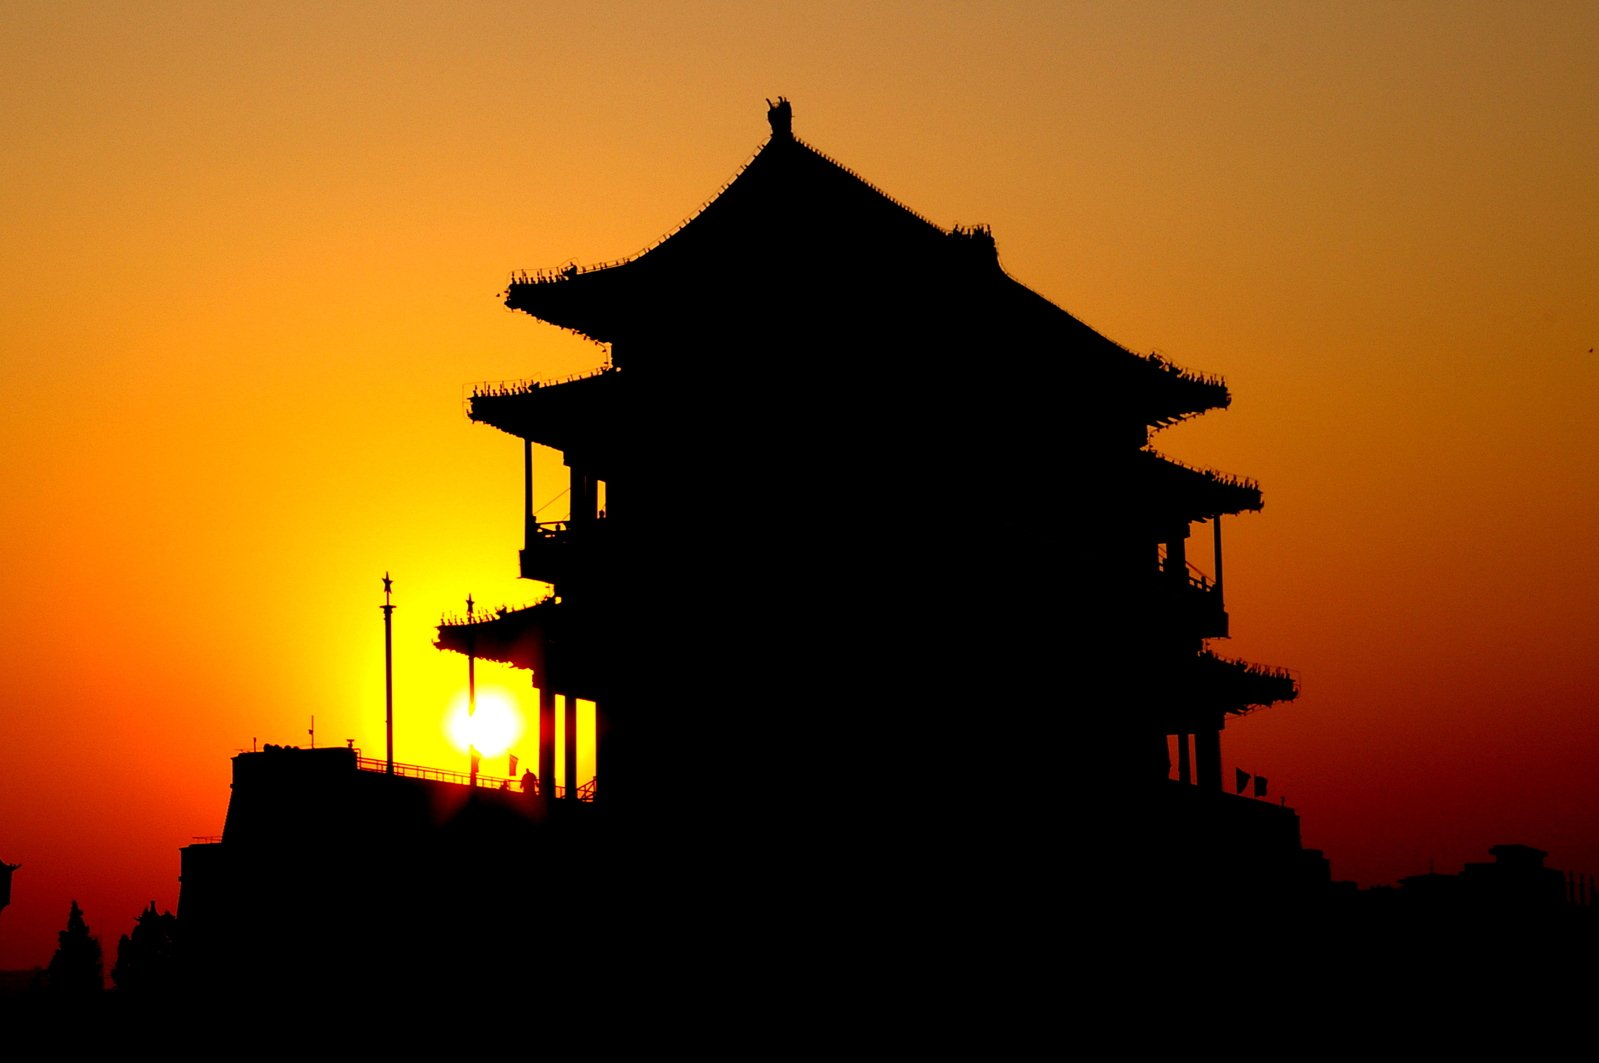 Atardecer de Tiananmen